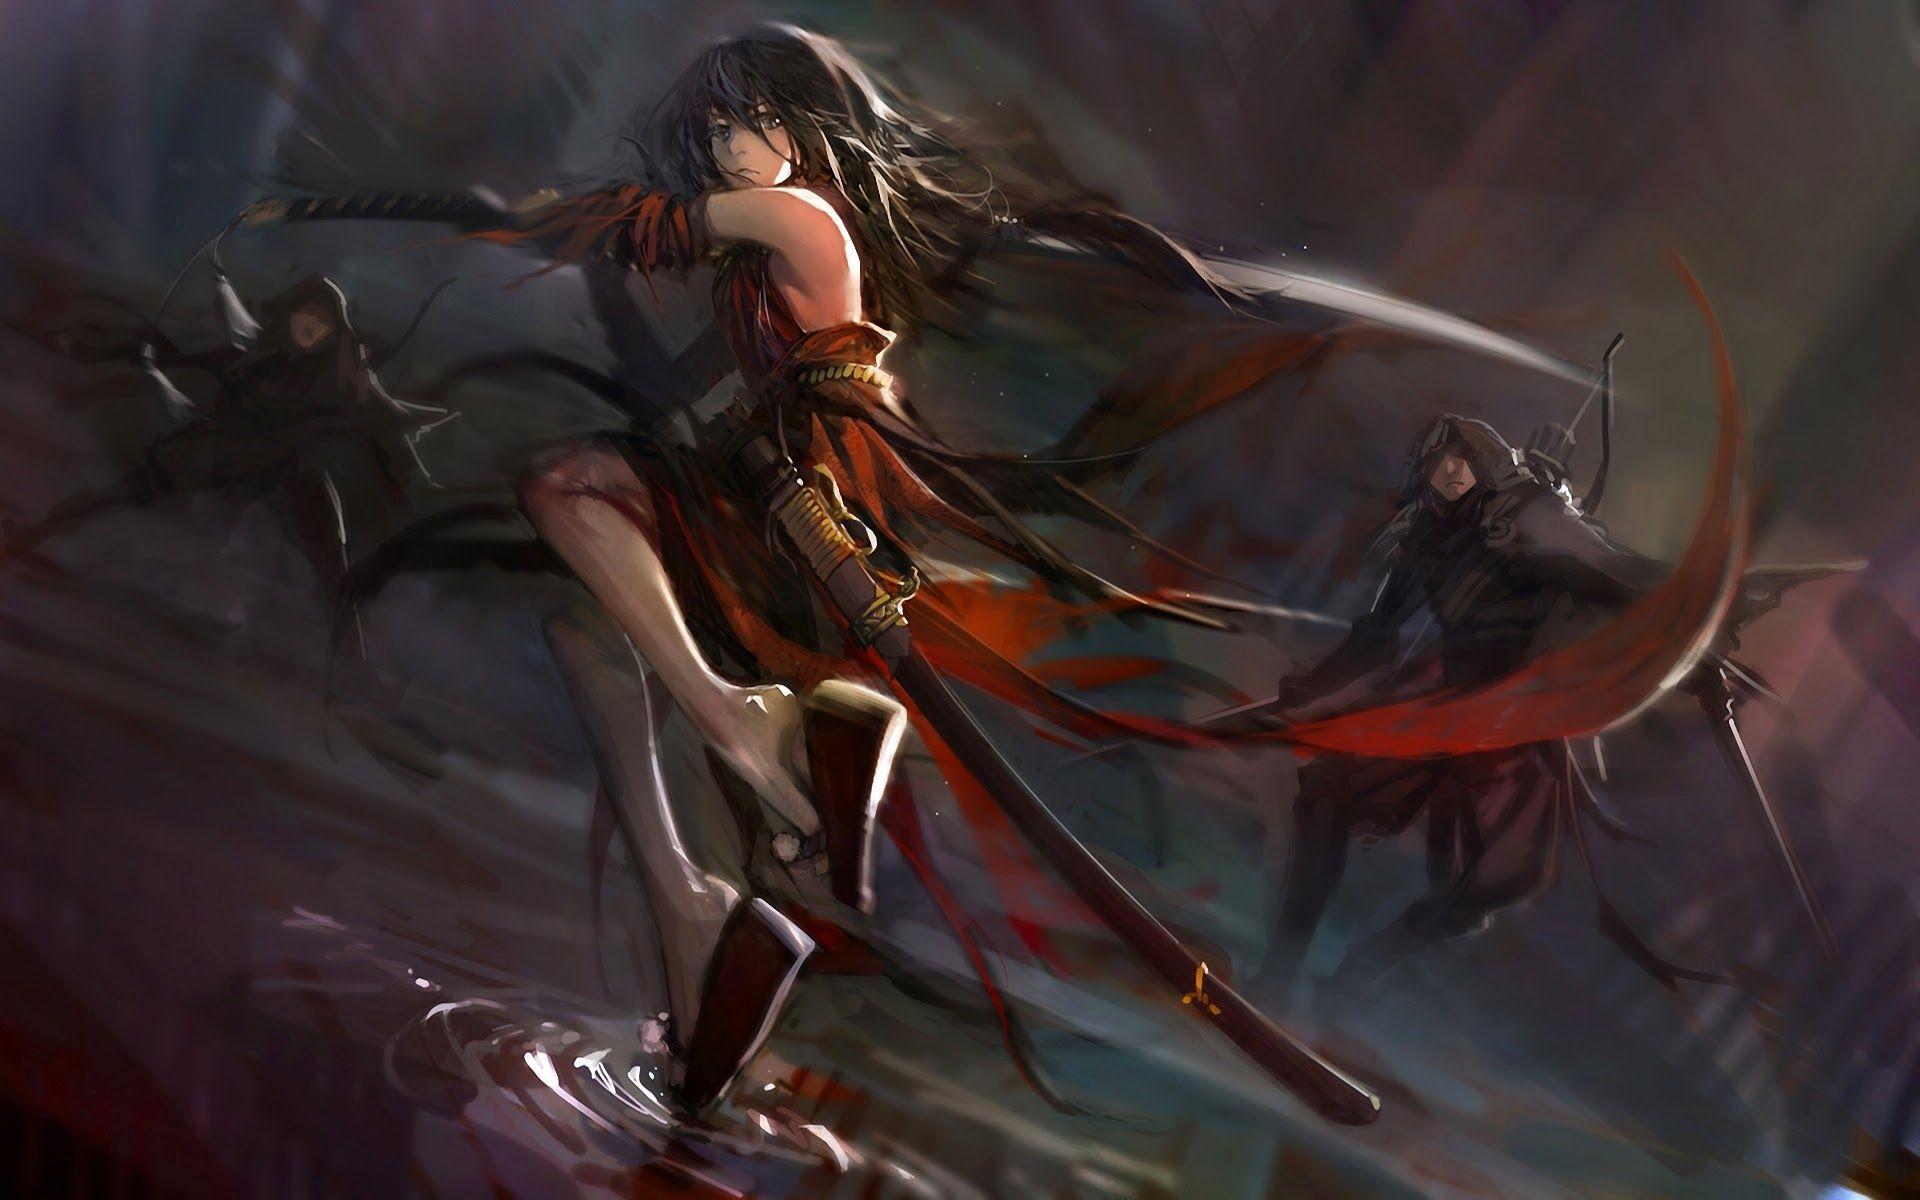 Anime girl with katana anime girl fighting katana sword - Girl with sword wallpaper ...